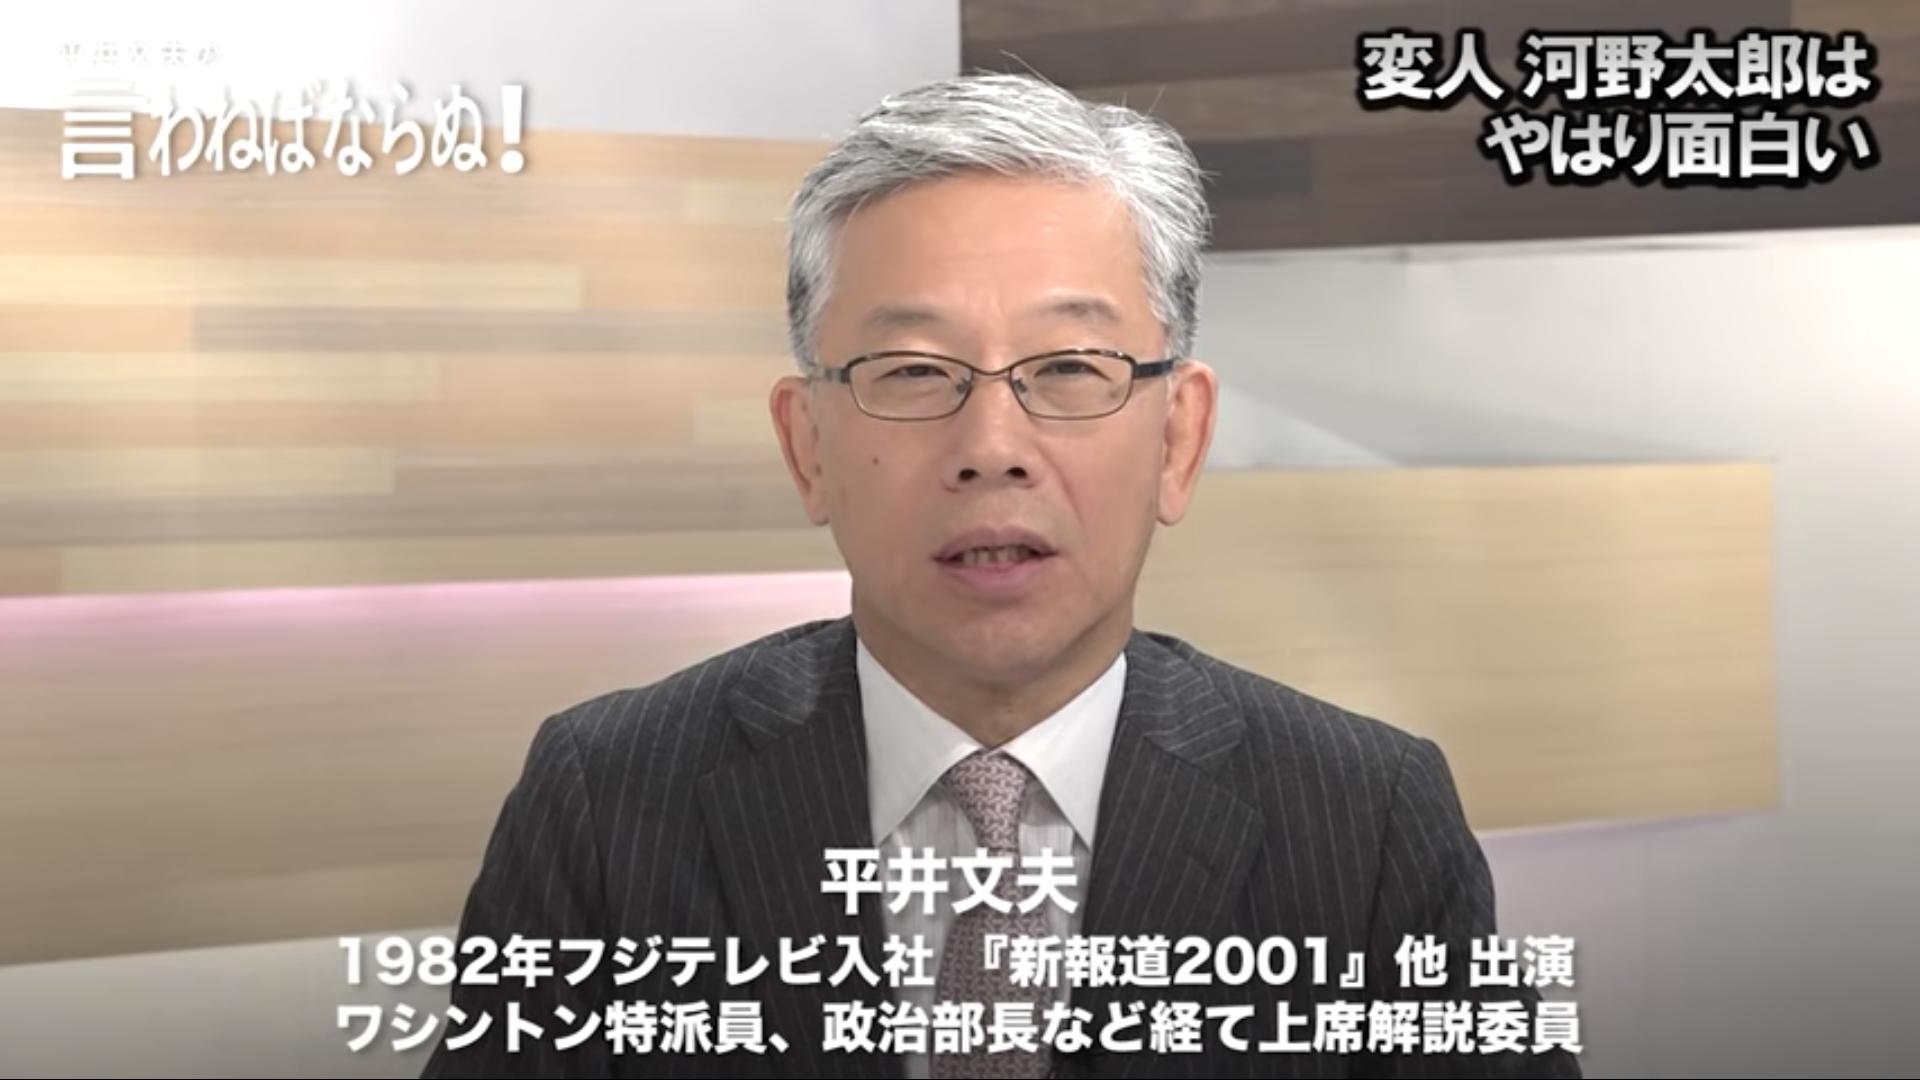 解説 文夫 テレビ フジ 委員 平井